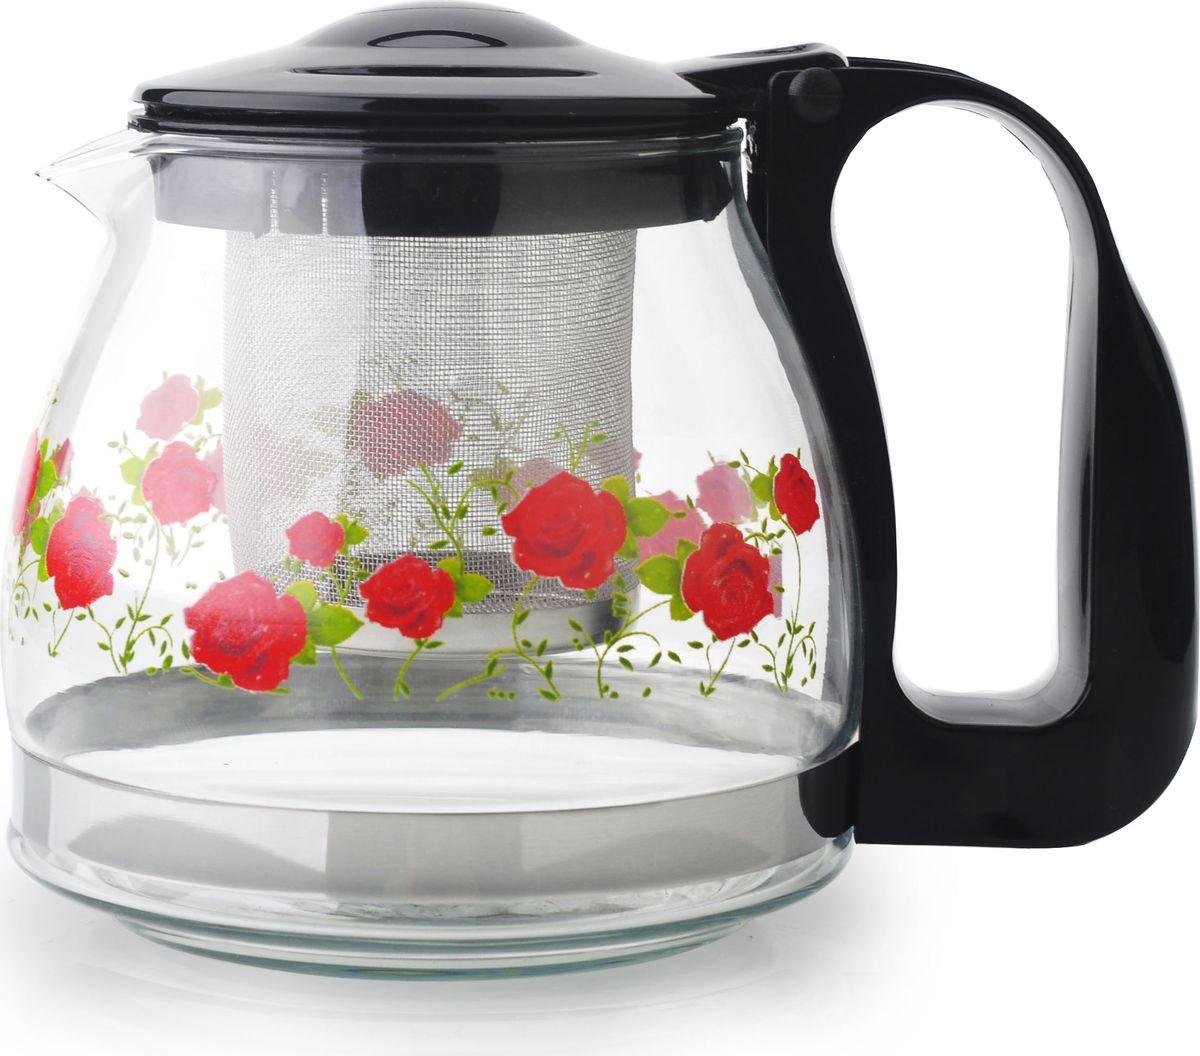 Чайник заварочный Bekker, цвет: черный, 700 млBK-7625Ручка и крышка пластиковая цветная. Ситечко из нержавеющей стали. Автоматическое открывание крышки. Подходит для чистки в посудомоечной машине. Состав: жаропрочное стекло. Объем: 0,7 л.